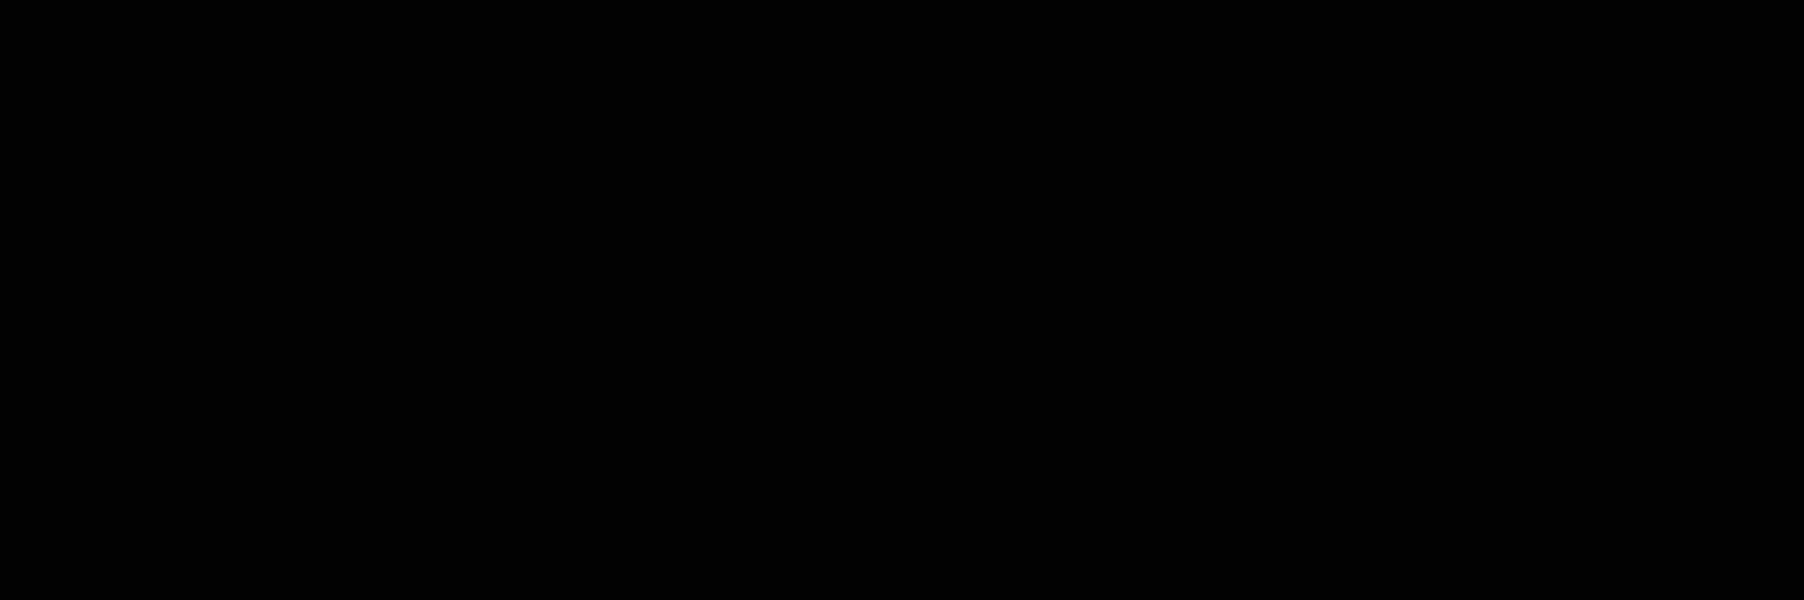 Symbole Waschen 95 Grad, Schontrocknen